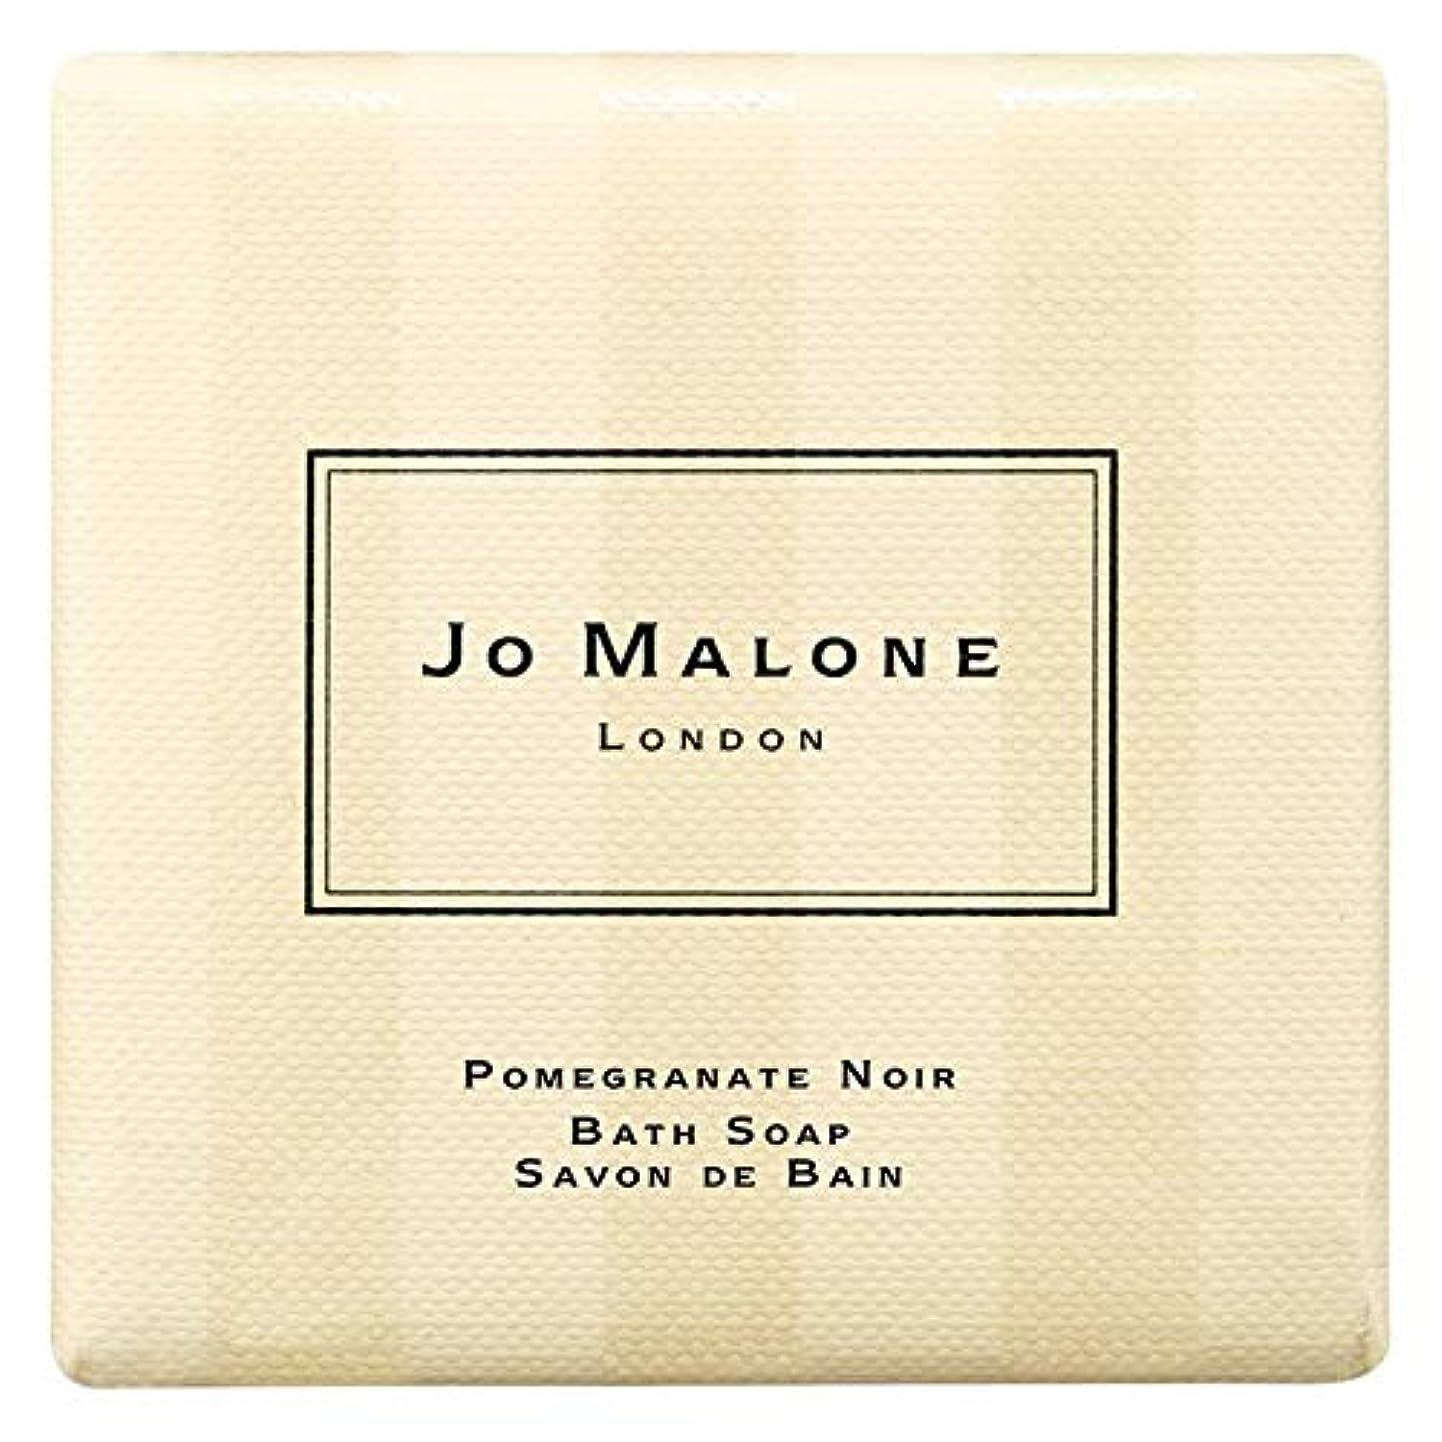 禁止ちらつき韓国[Jo Malone] ジョーマローンロンドンザクロノワール入浴石鹸100グラム - Jo Malone London Pomegranate Noir Bath Soap 100g [並行輸入品]